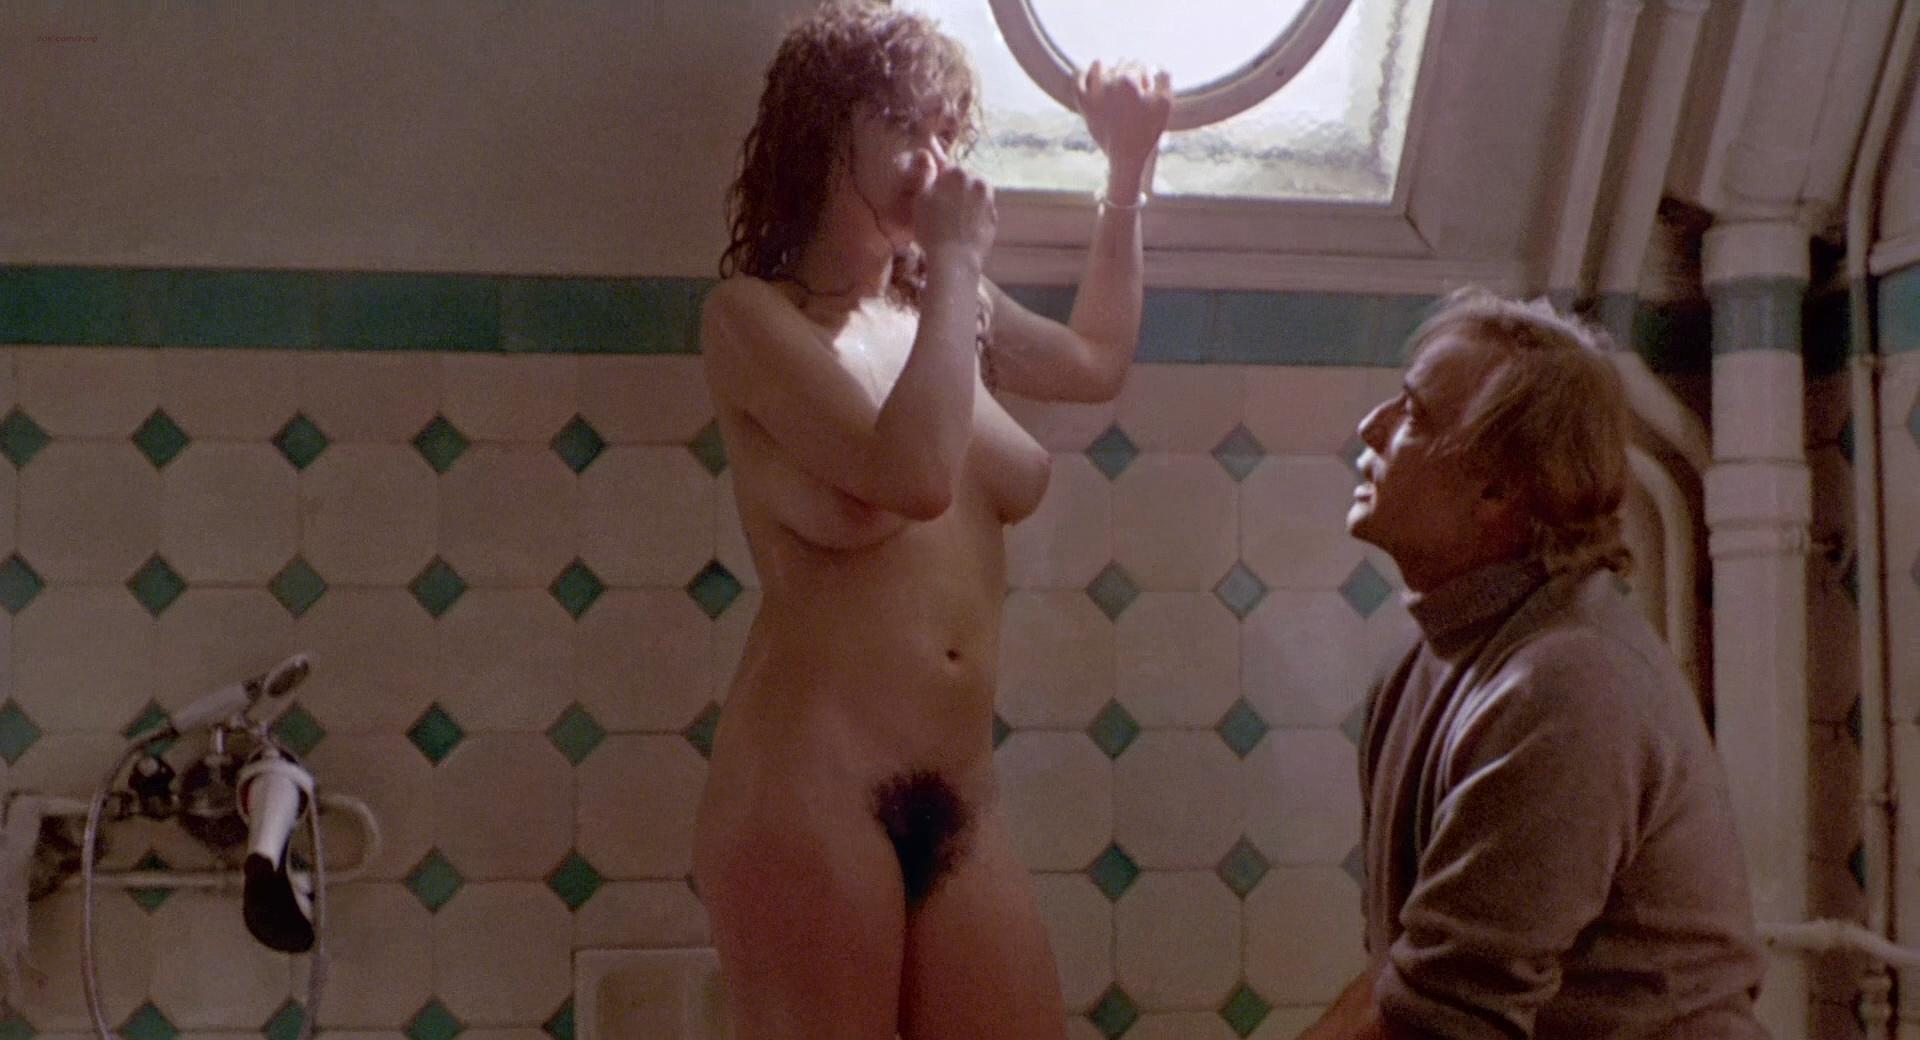 Last tango in paris nude scene